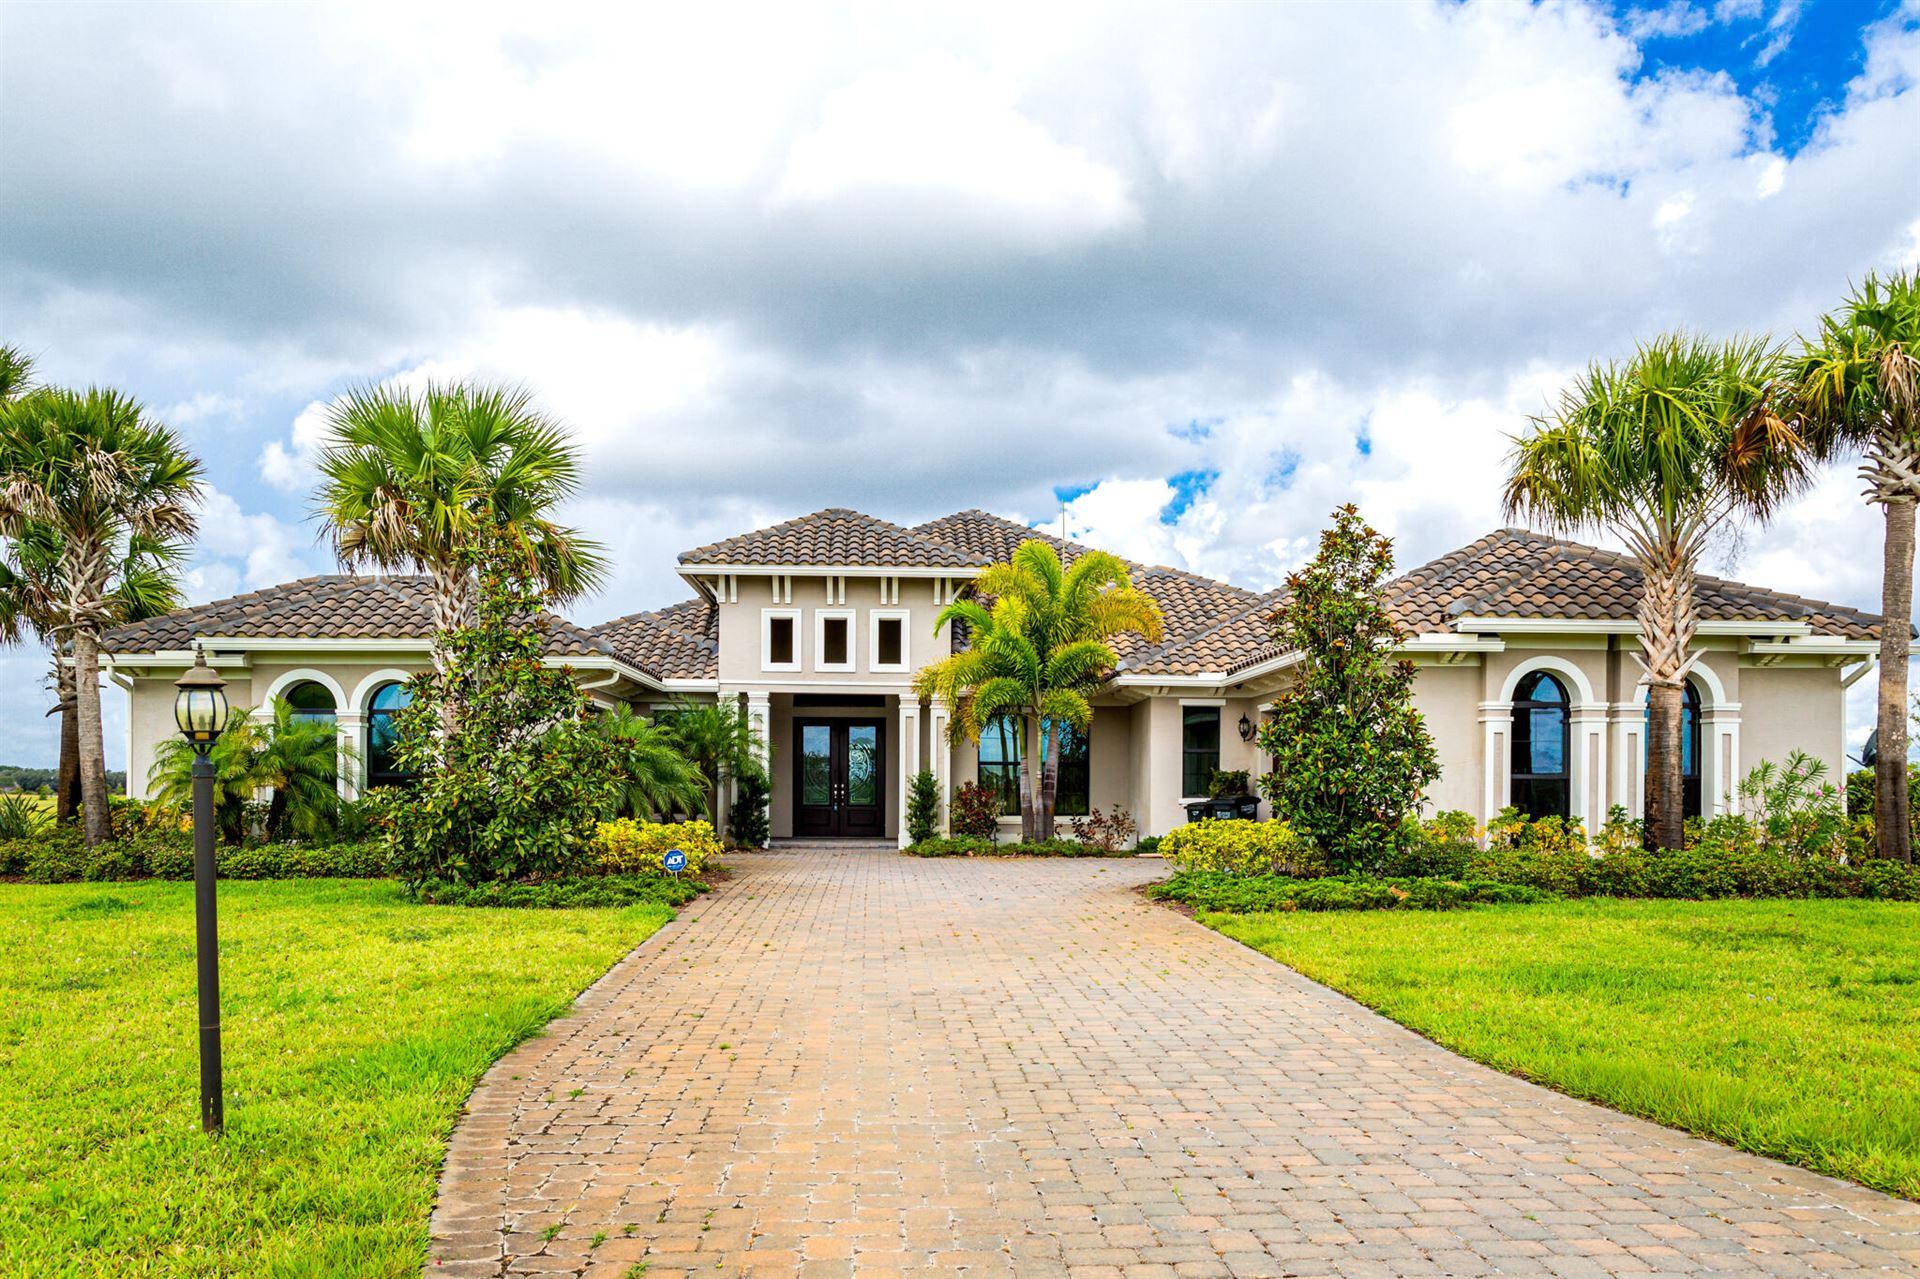 Photo for 3280 SW Stoneybrook Way, Palm City, FL 34990 (MLS # RX-10721382)